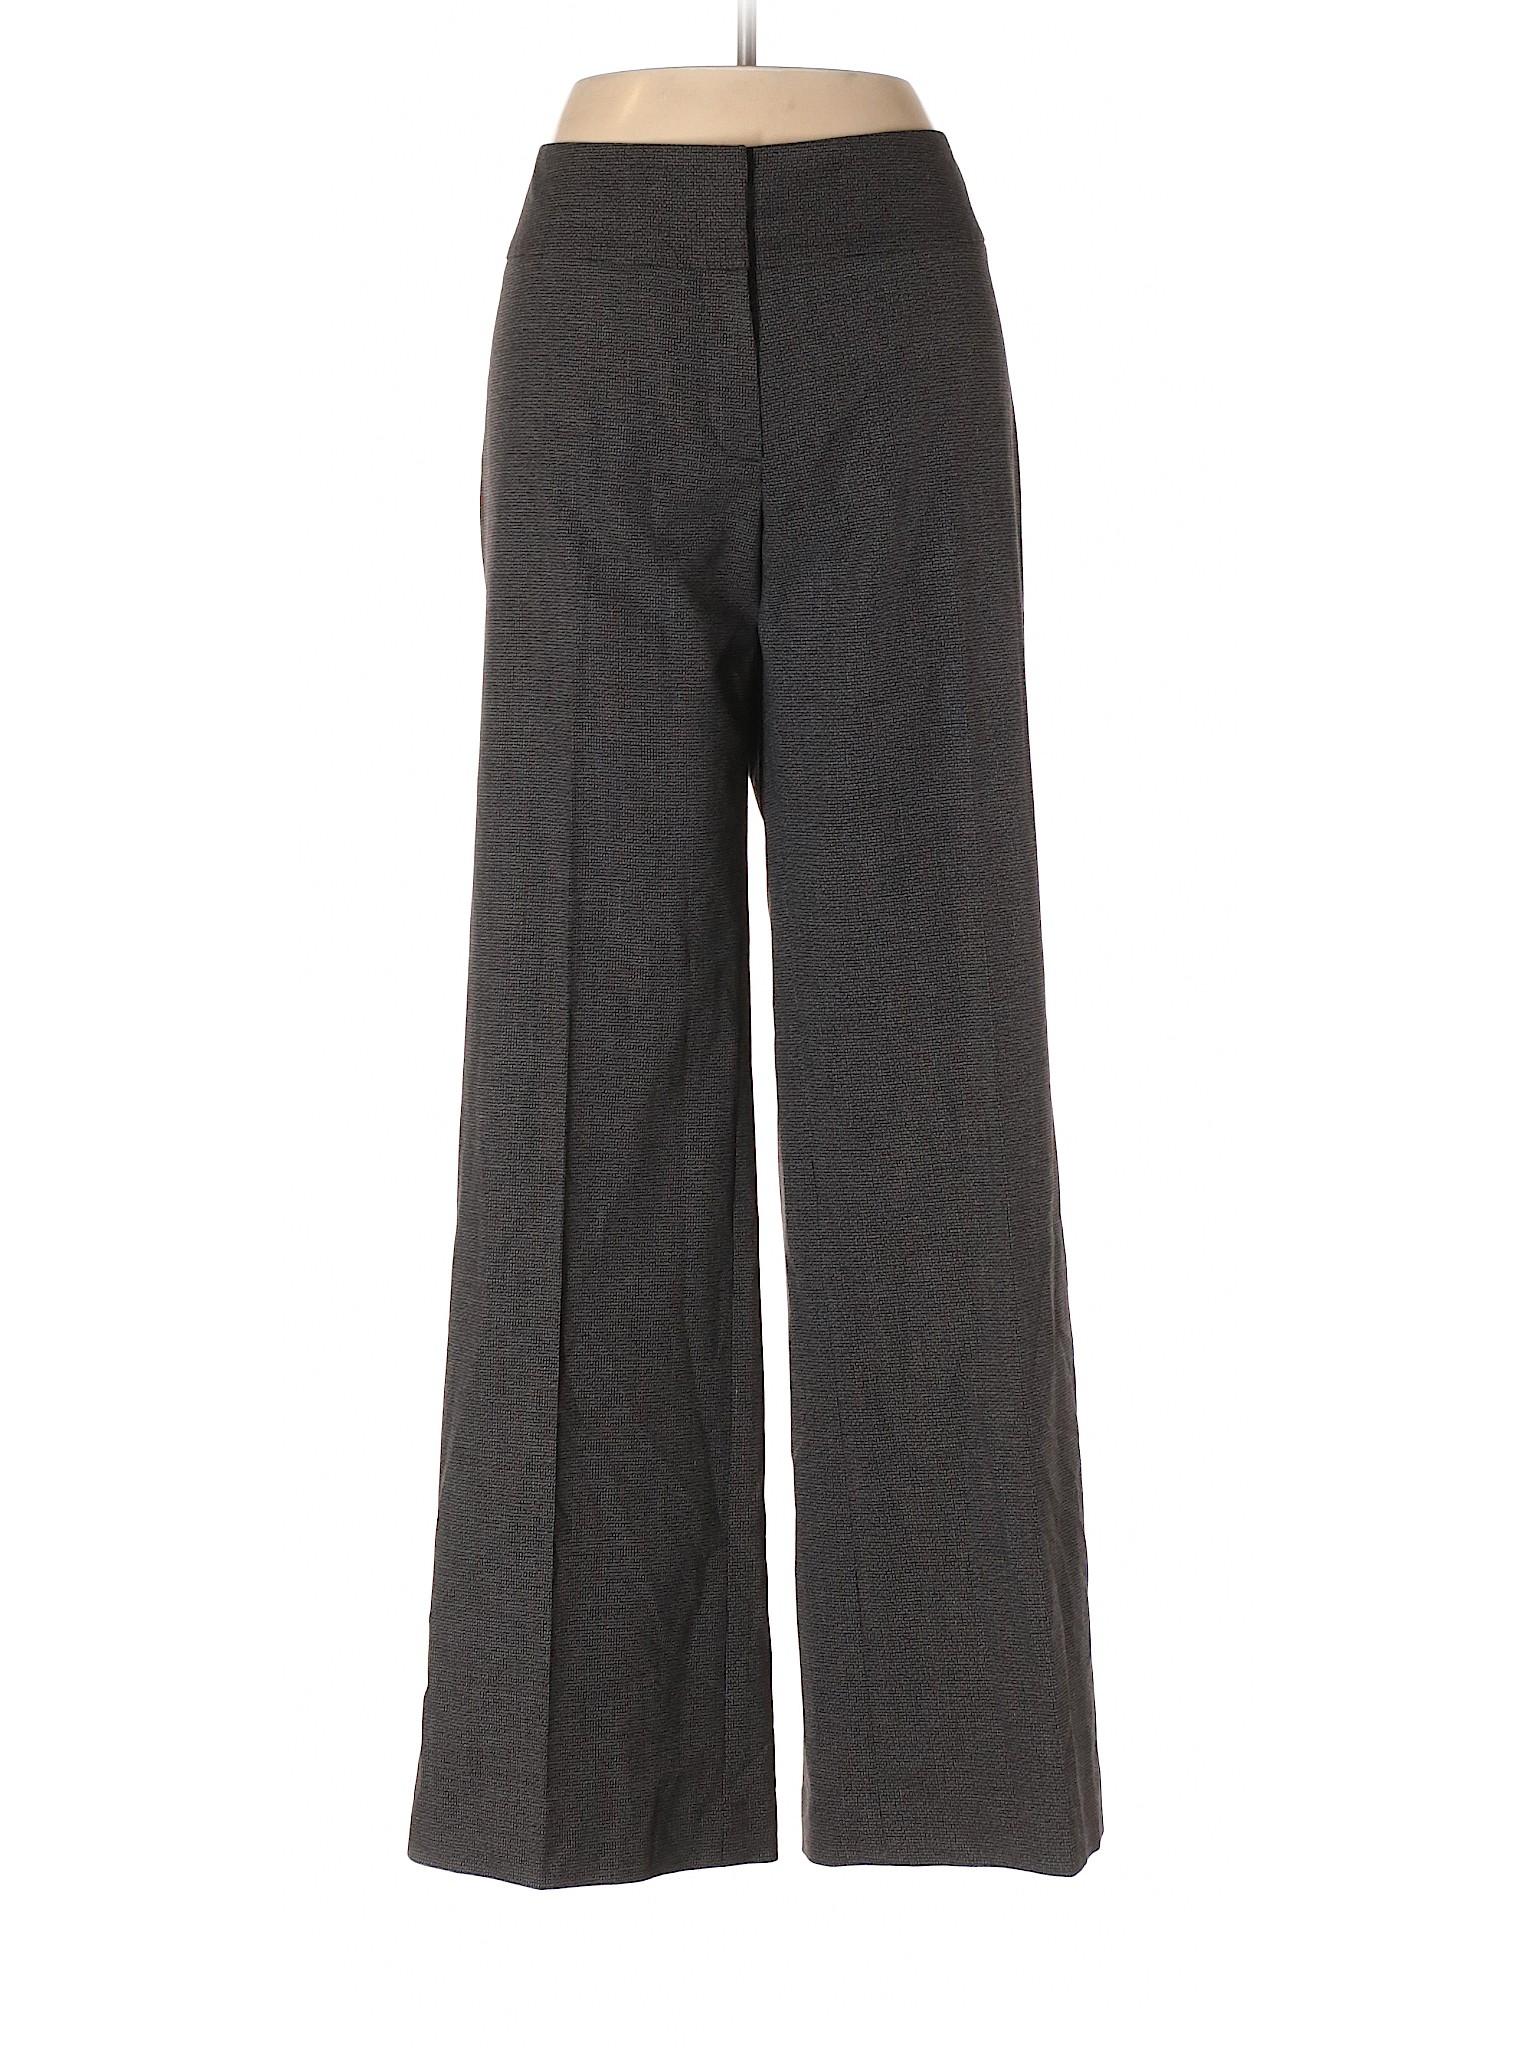 Boutique Dress Entier Classiques Pants winter rwW1RpqxZr